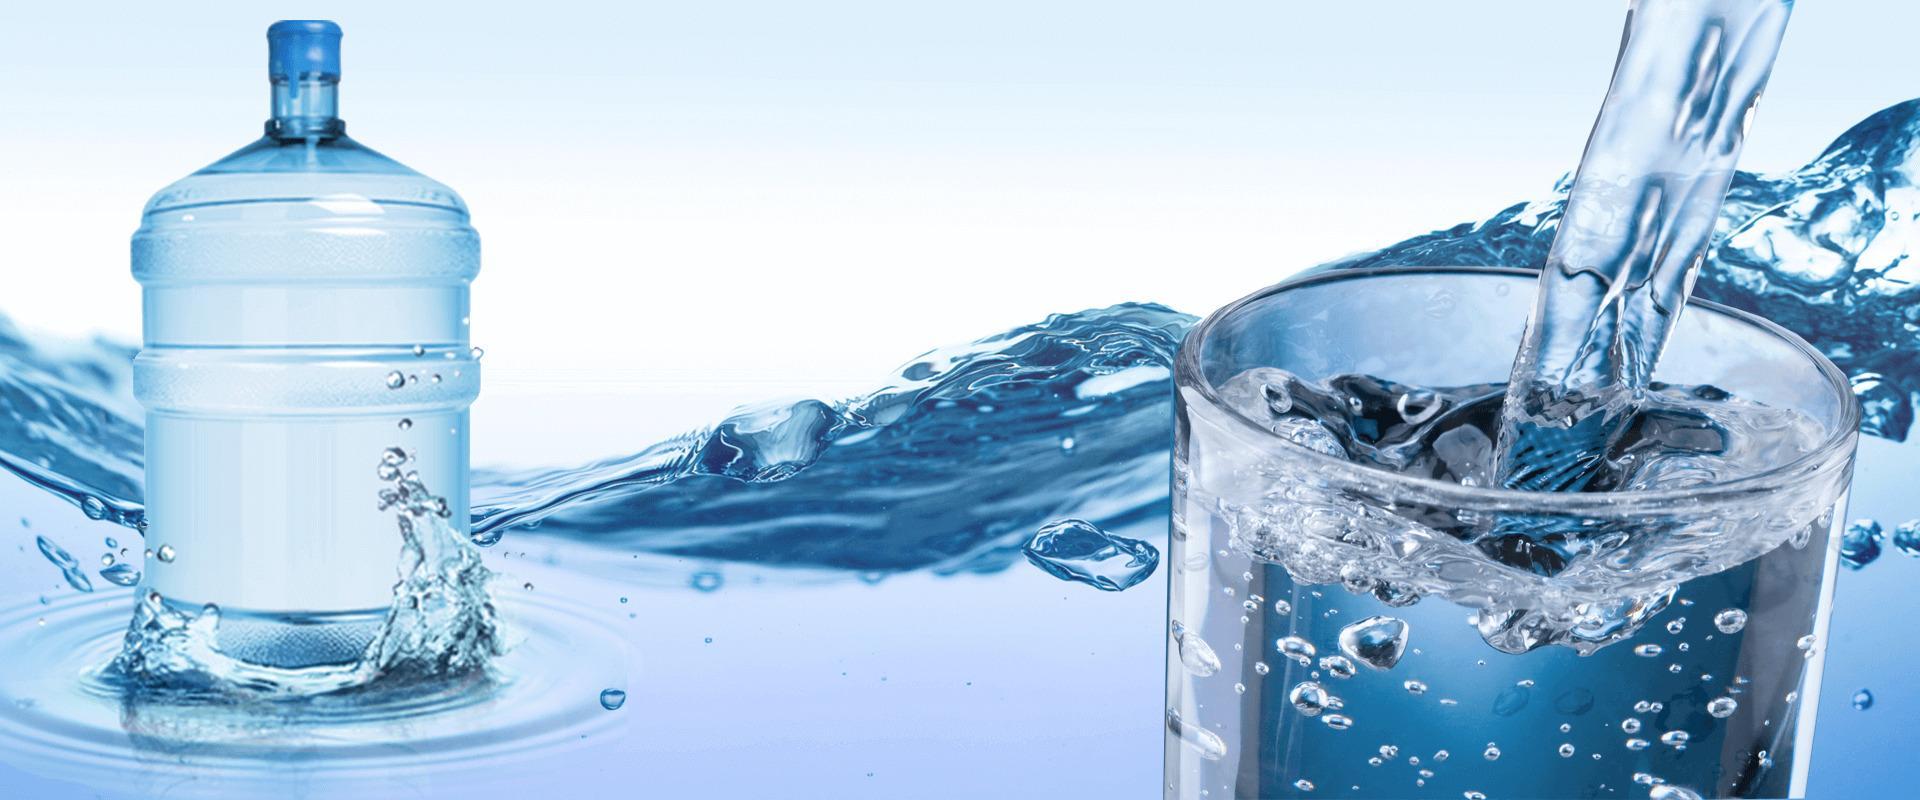 Быстрая доставка воды на дом от магазина voda.kh.ua по приемлемой стоимости